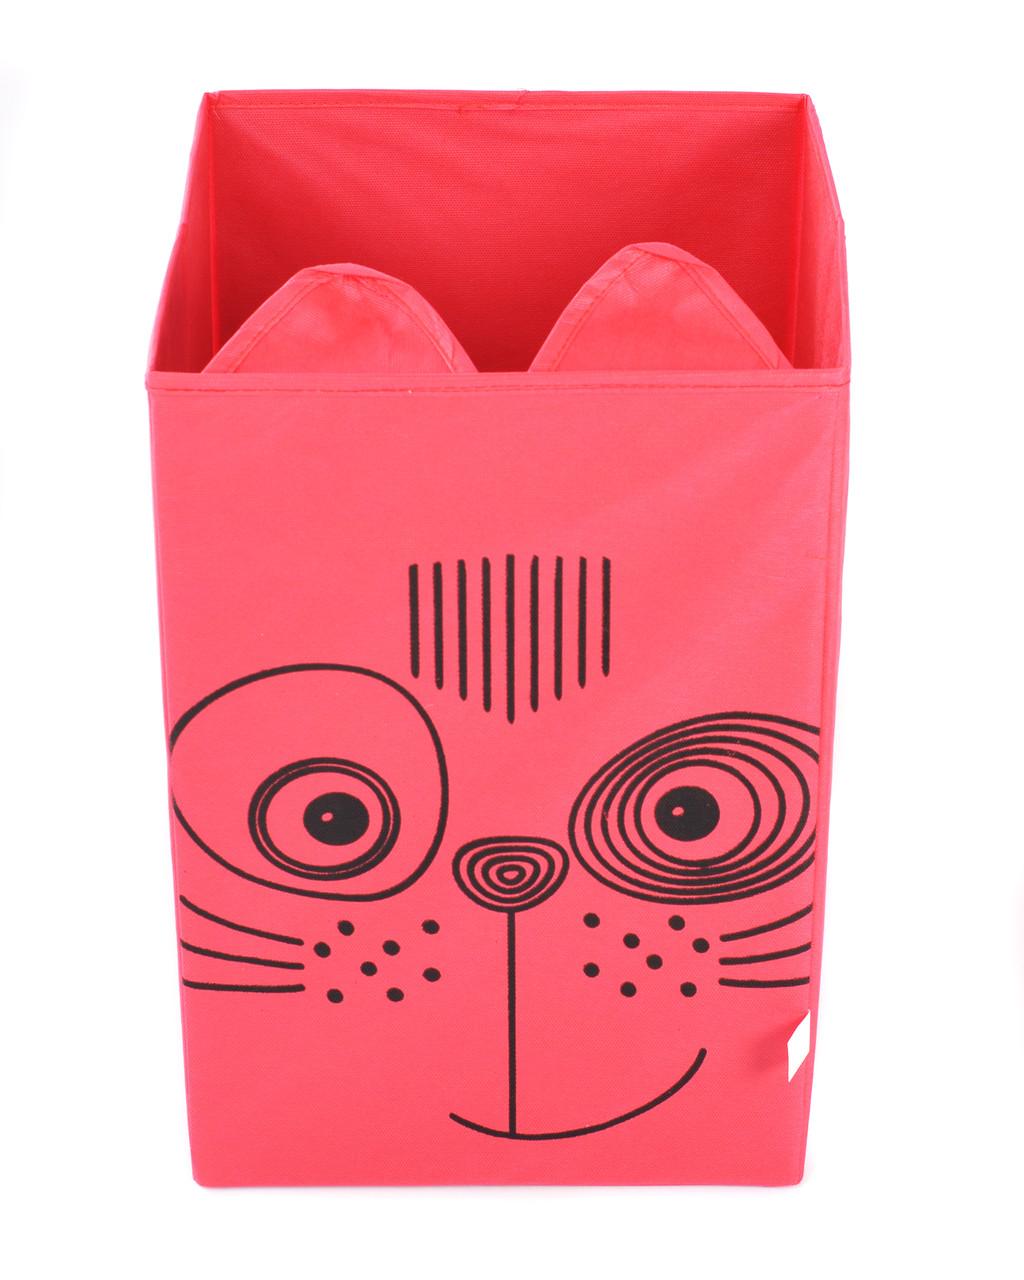 Детский ящик для игрушек без крышки Кот 30*30 см